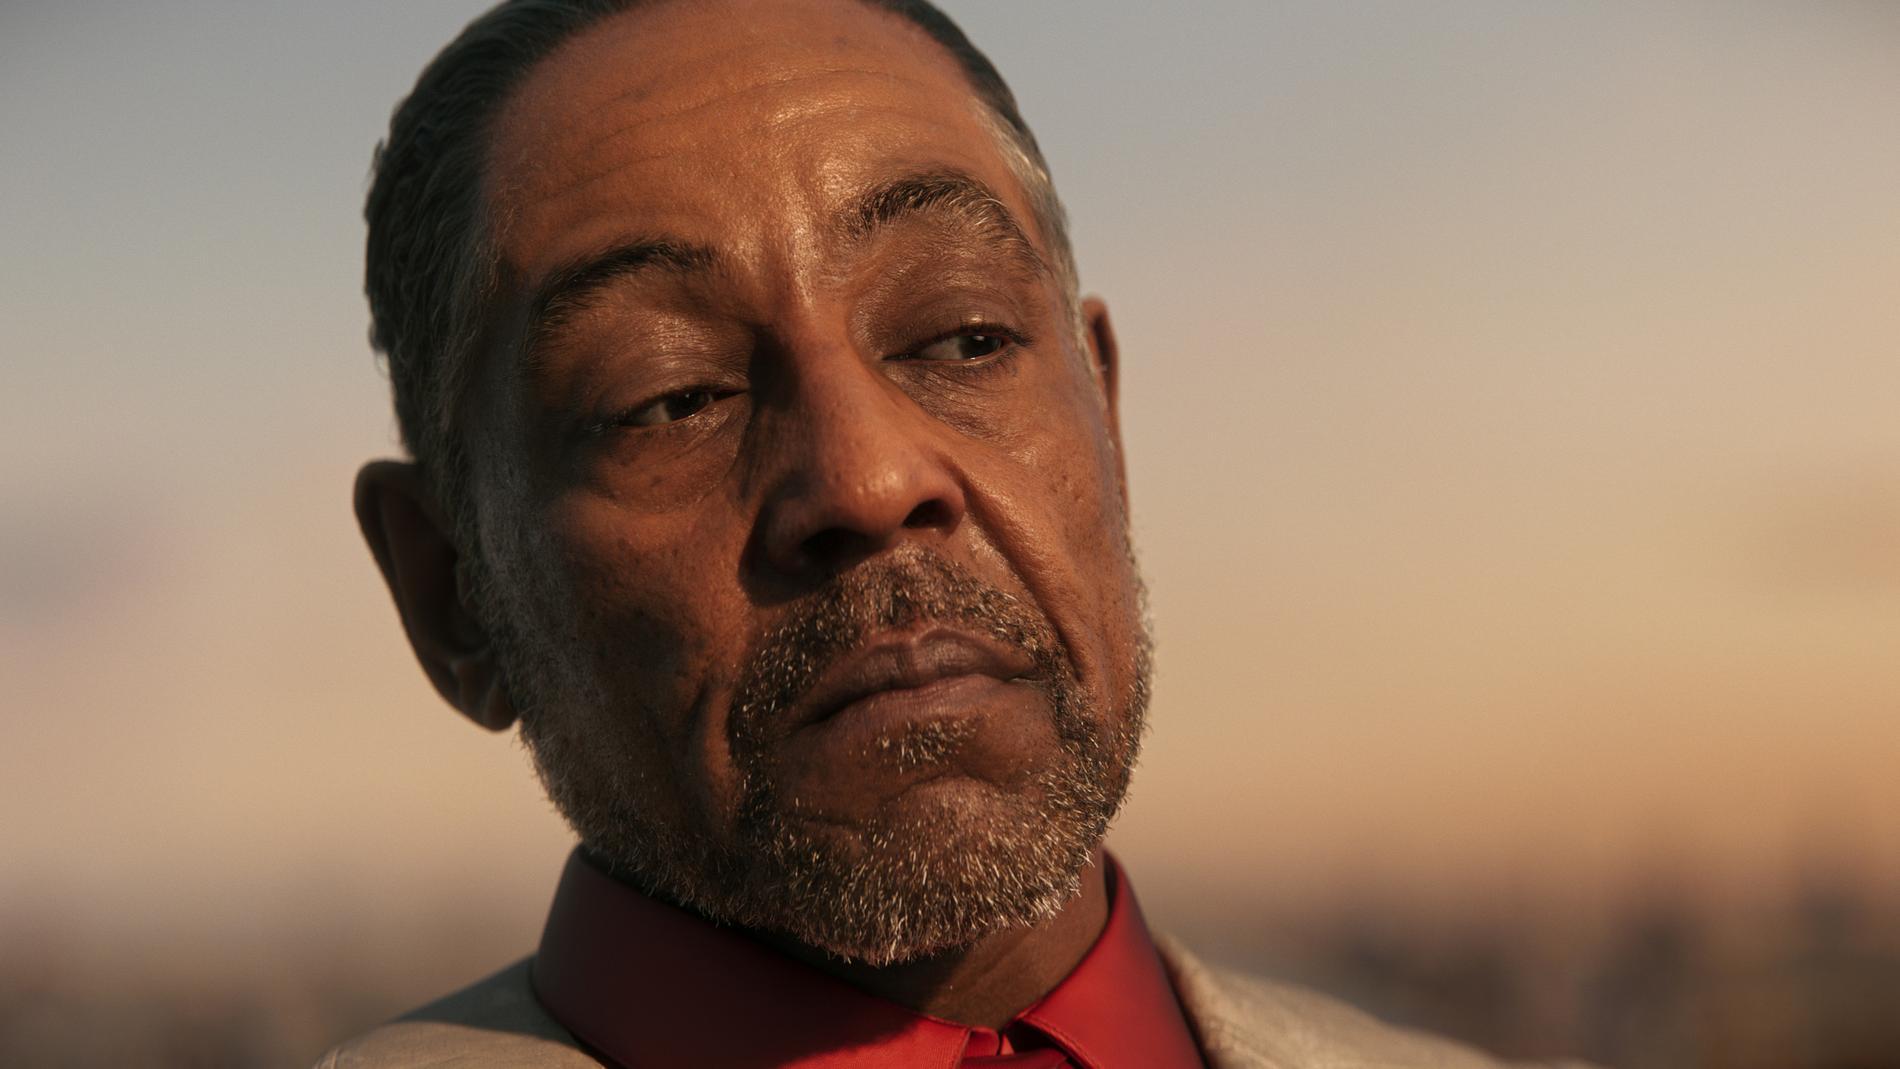 """Giancarlo Esposito, som på senare år kanske främst är känd för sina insatser i """"Breaking bad"""" och """"Better call Saul"""", är föga förvånande perfekt i rollen som diktator. Hans kallblodighet ger en ibland kalla kårar."""